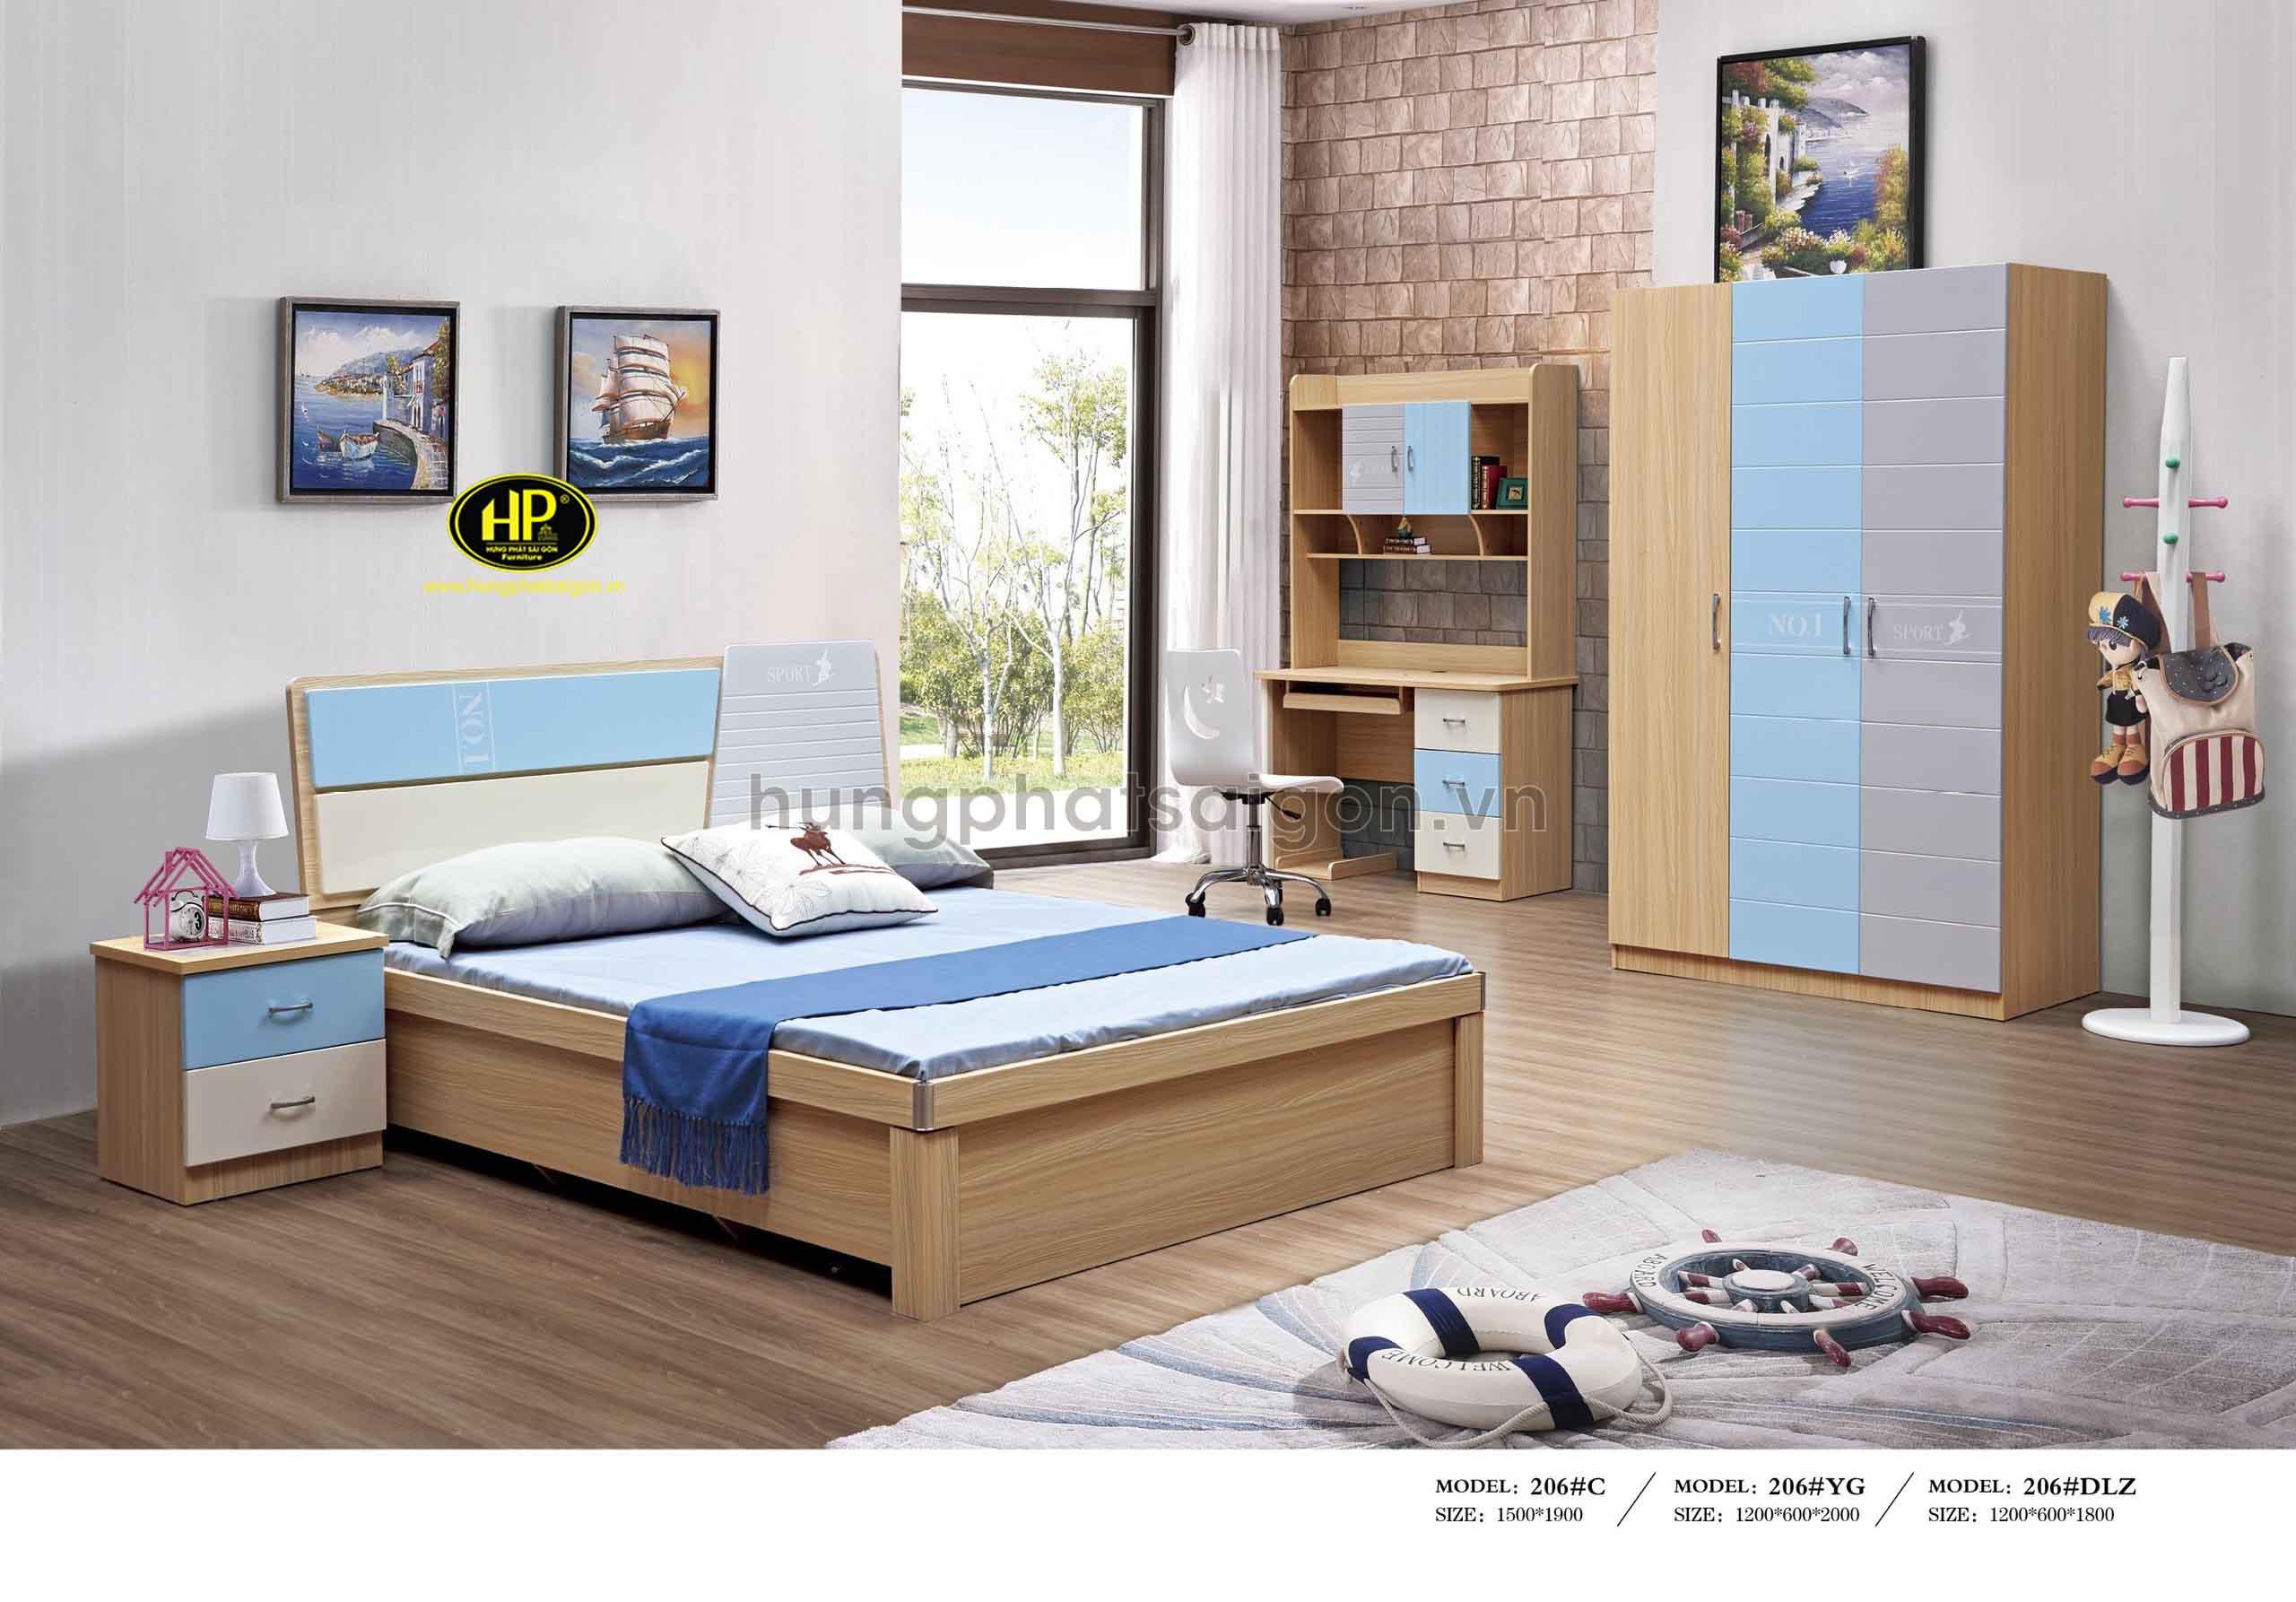 Combo giường tủ bàn học cho bé TP-206